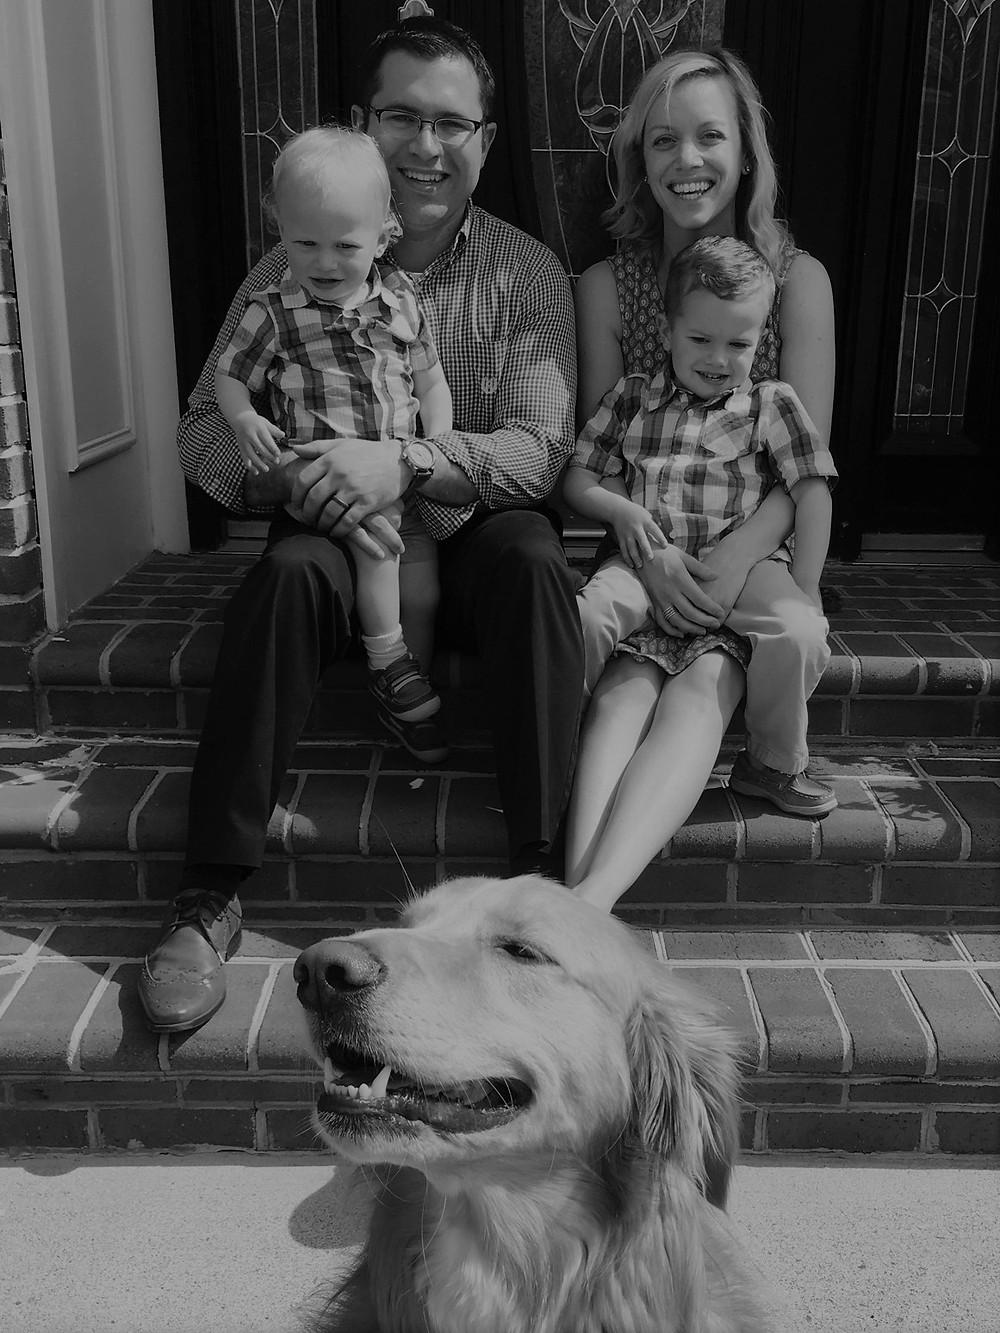 Bryan Zopp, Zopp Family Dental Center